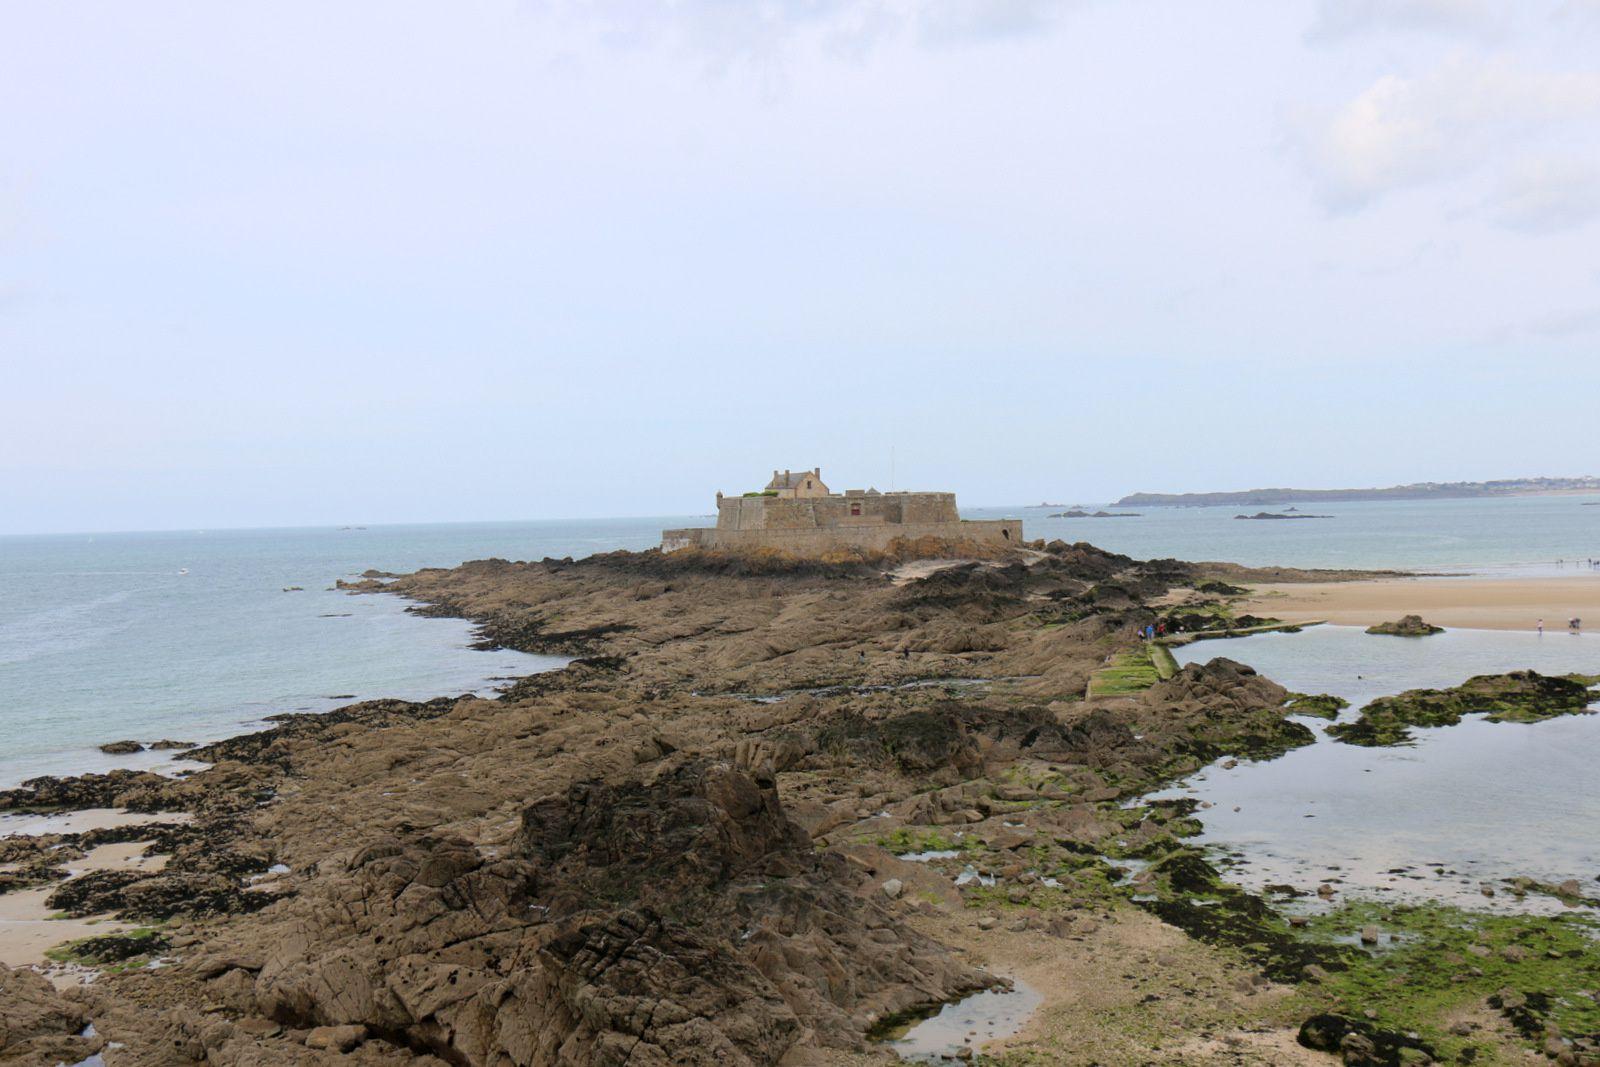 Le fort La Reine, Saint-Malo